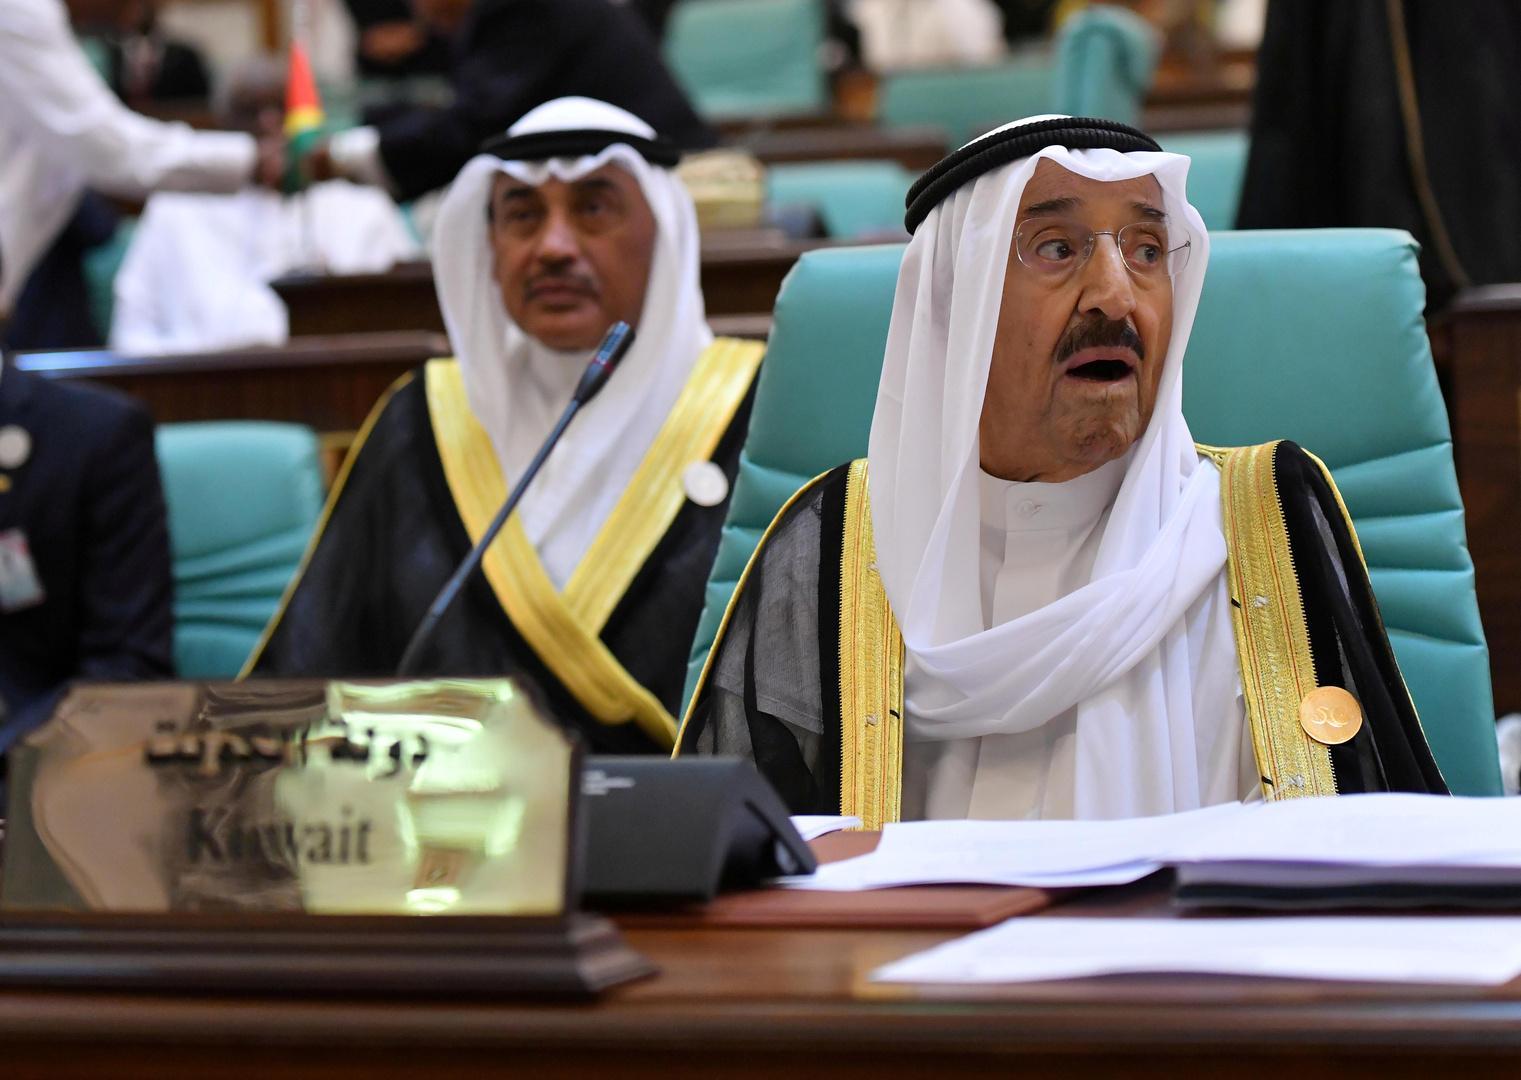 أمير دولة الكويت، أرشيف